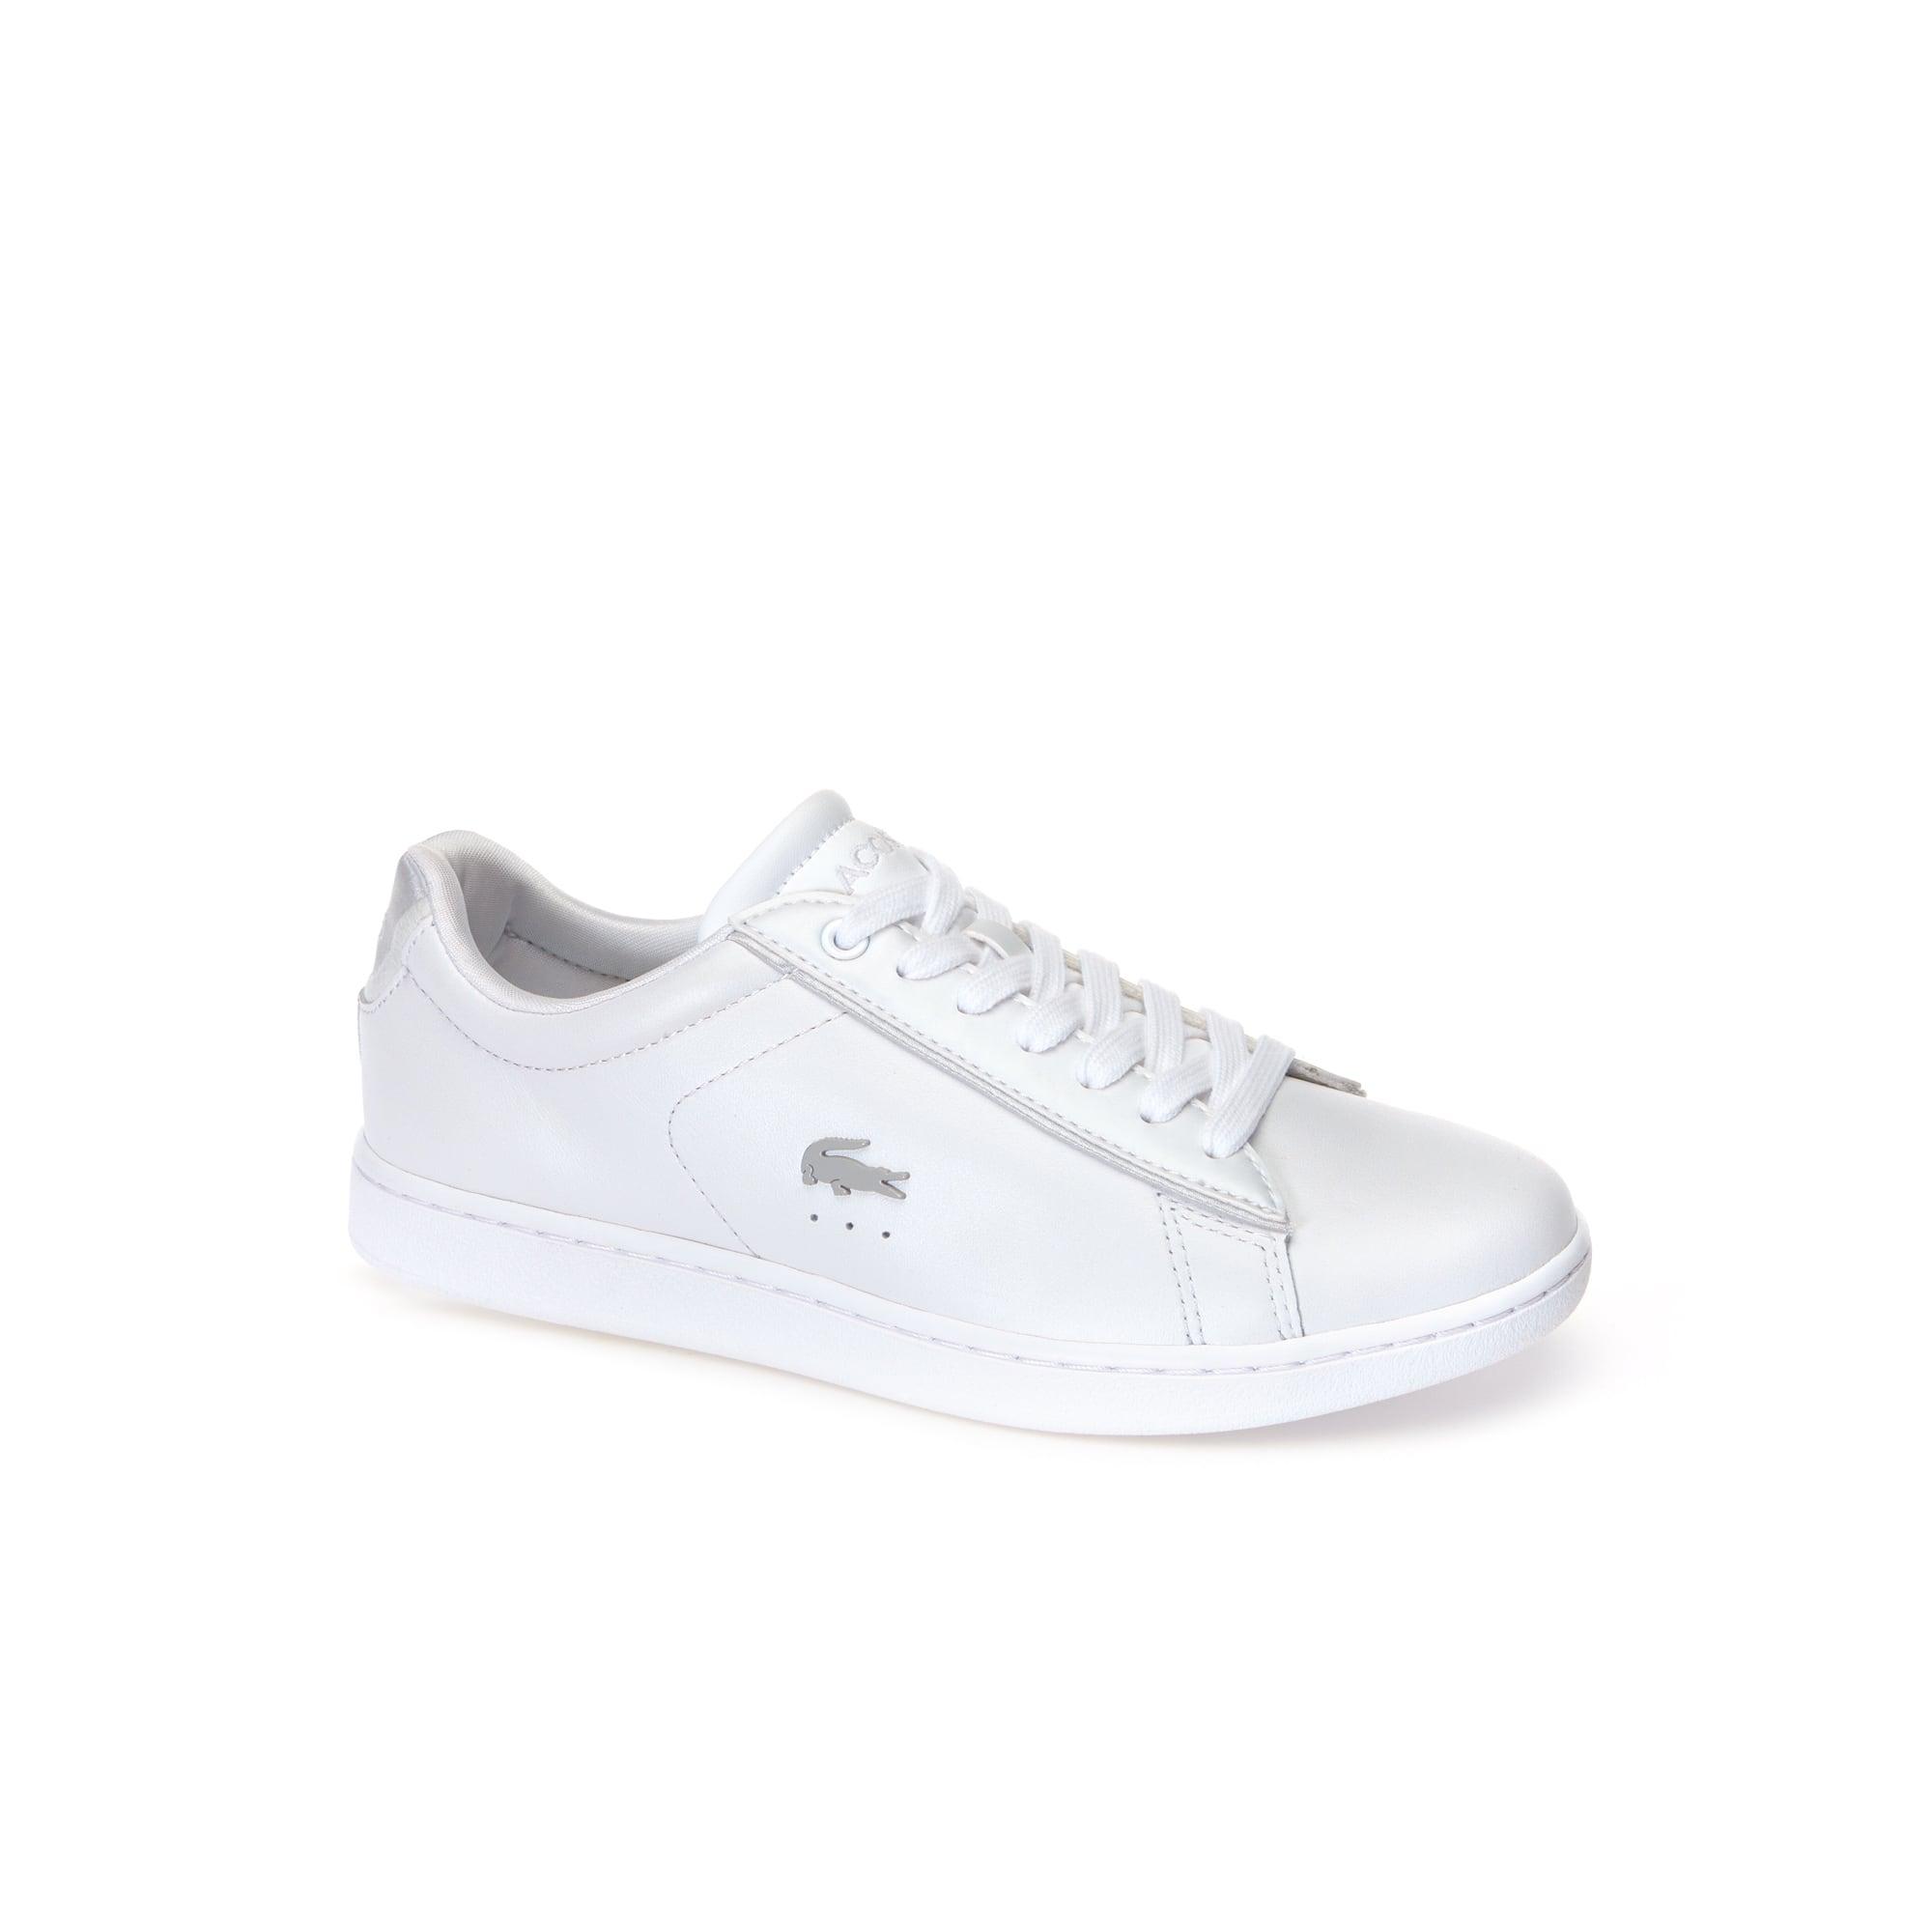 Sneakers Carnaby Evo en cuir nacré